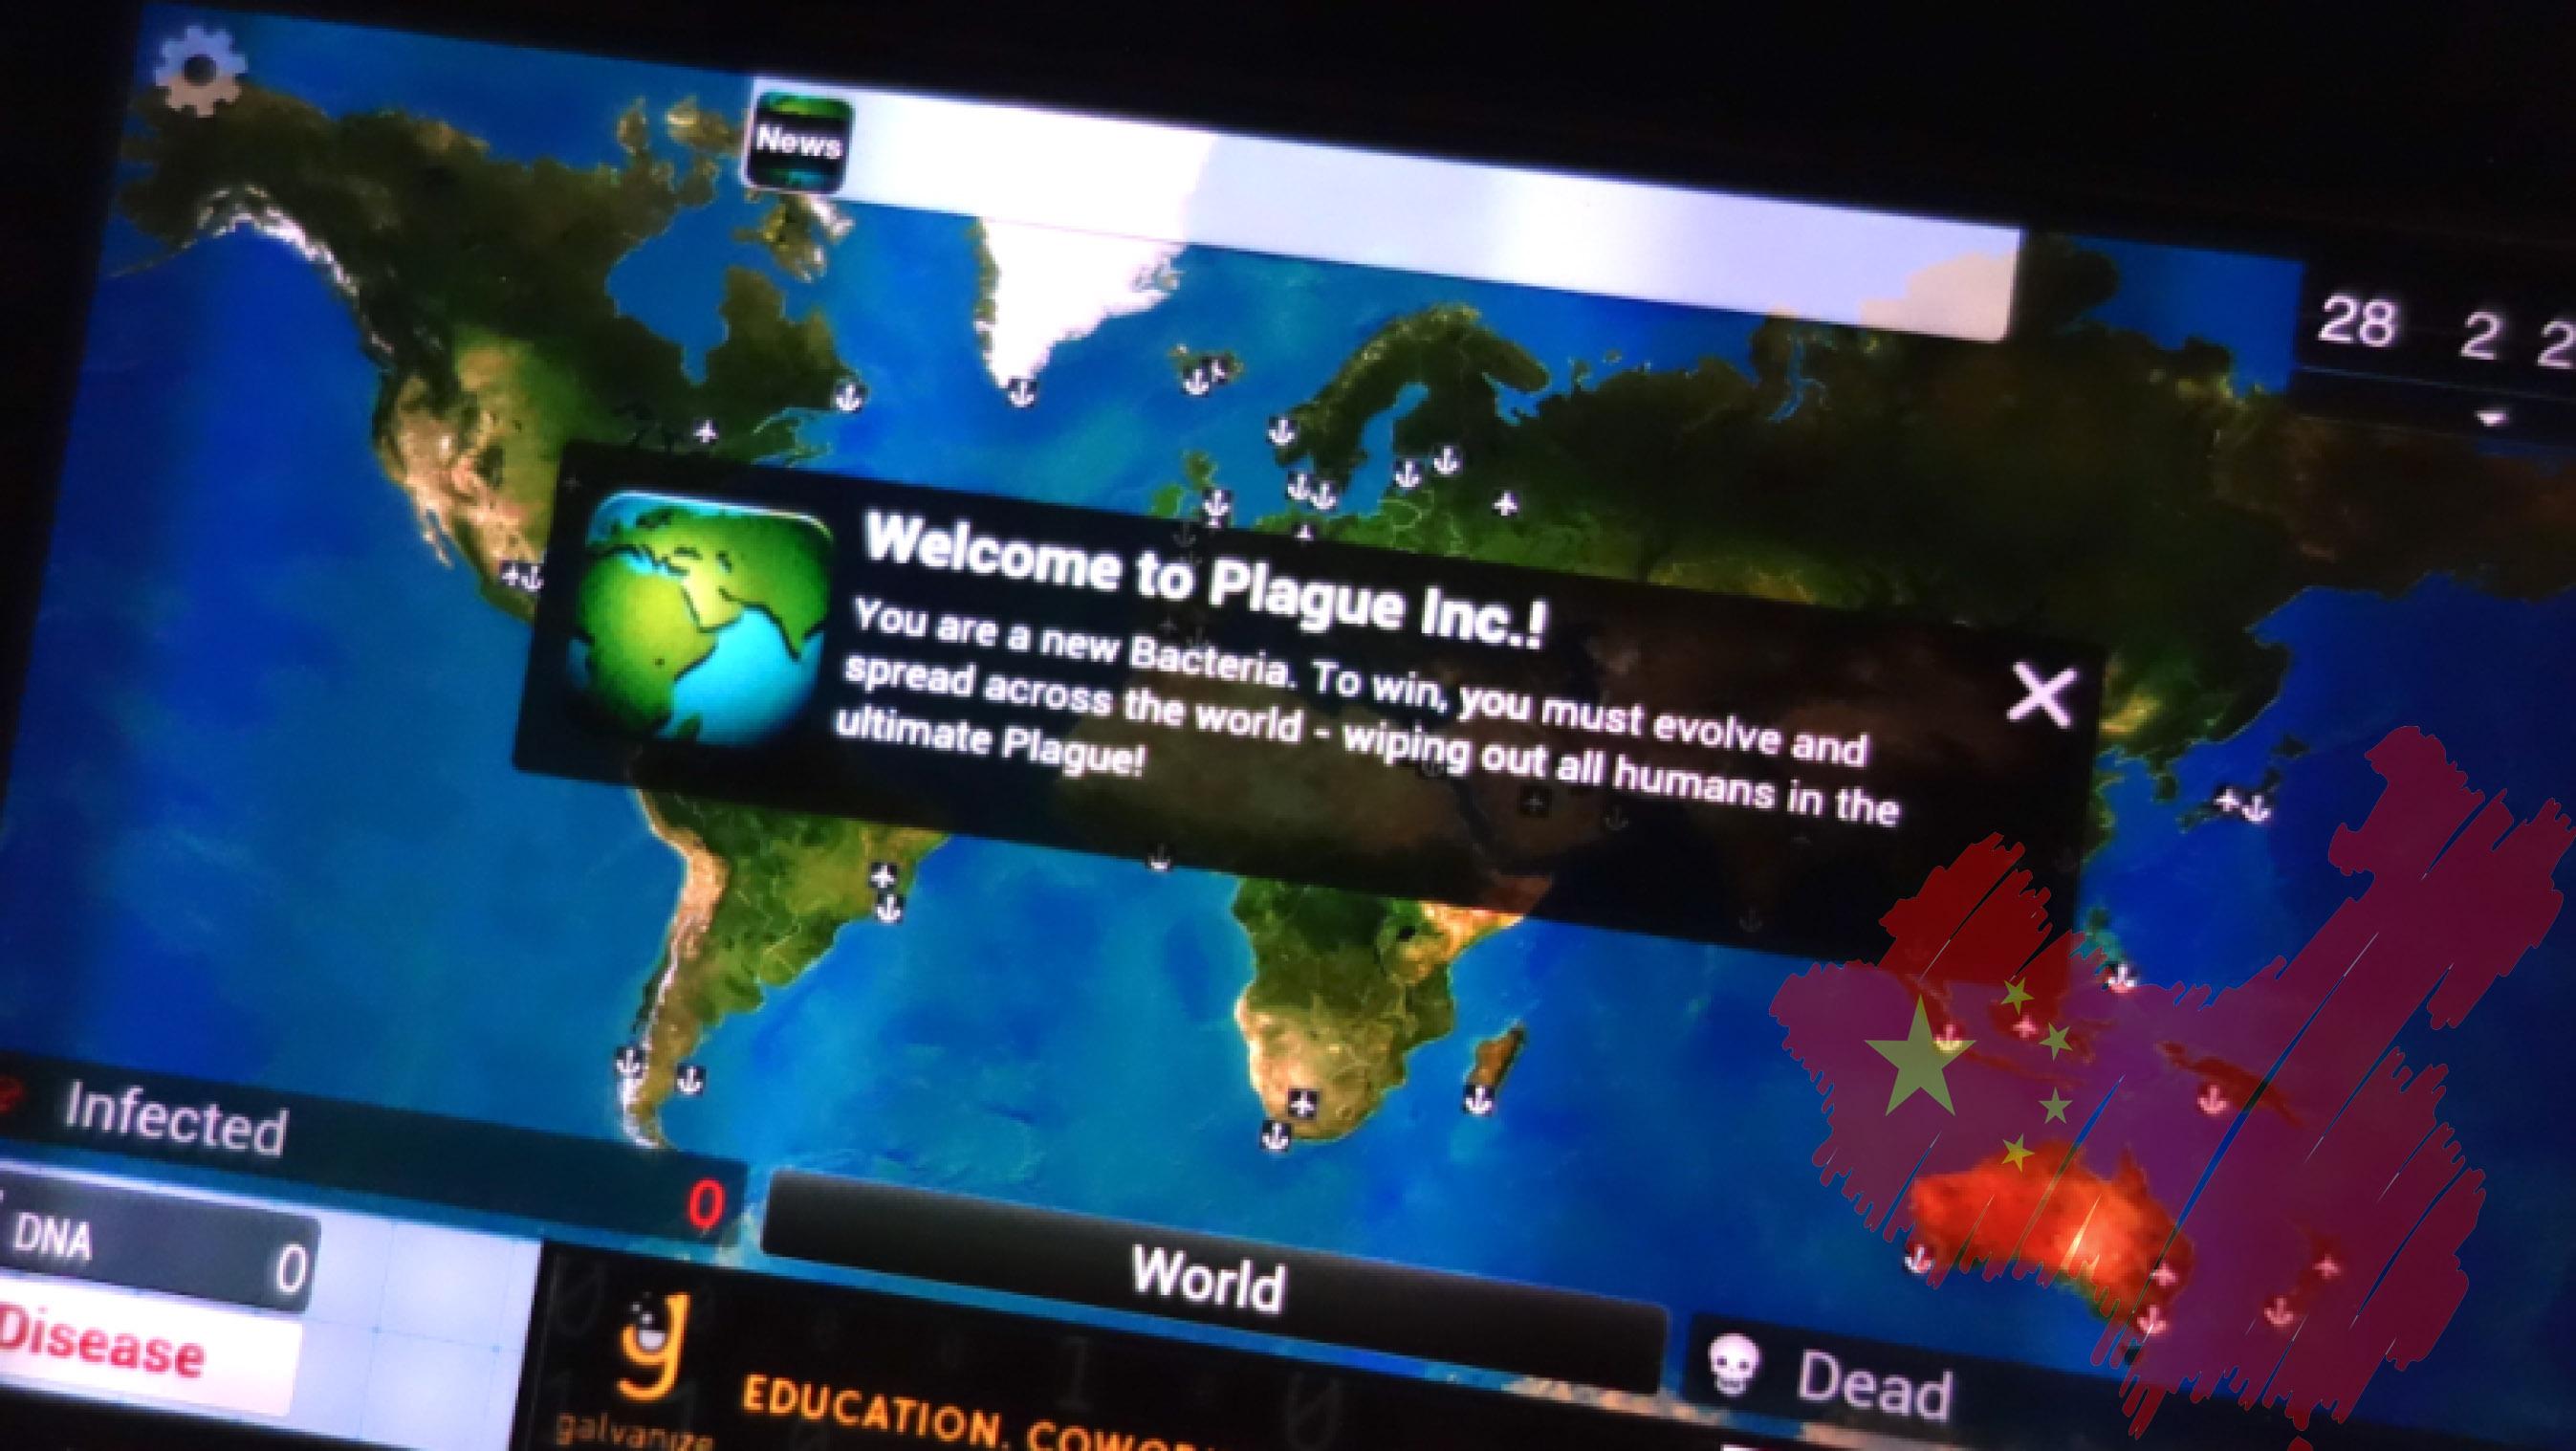 Çin'den Plague Inc oyunu için şaşırtan karar